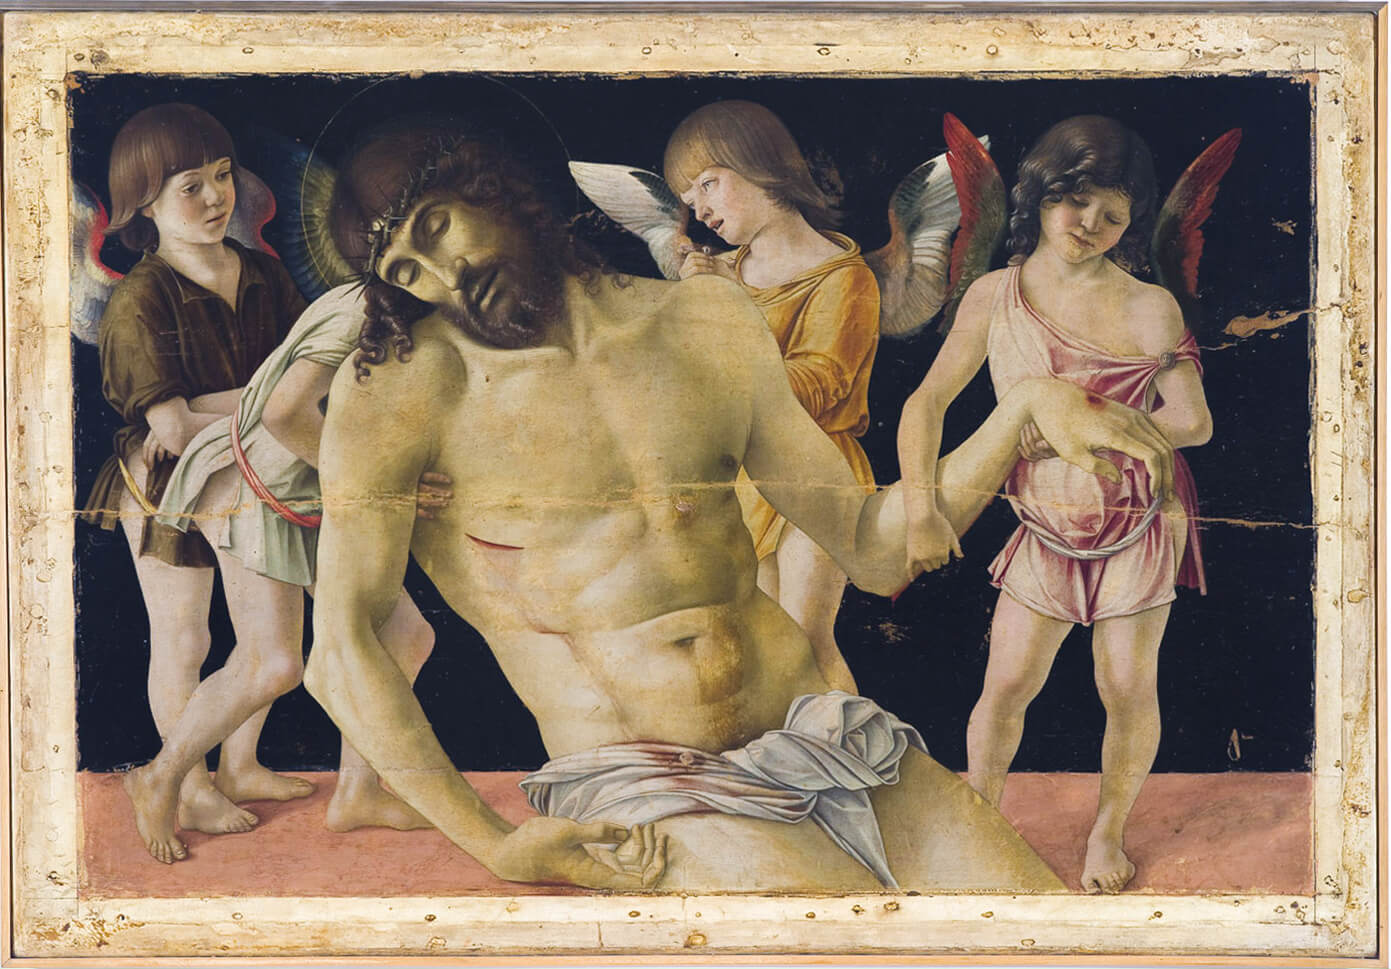 bellini cristo morto sorretto dagli angeli al museo della citta rimini